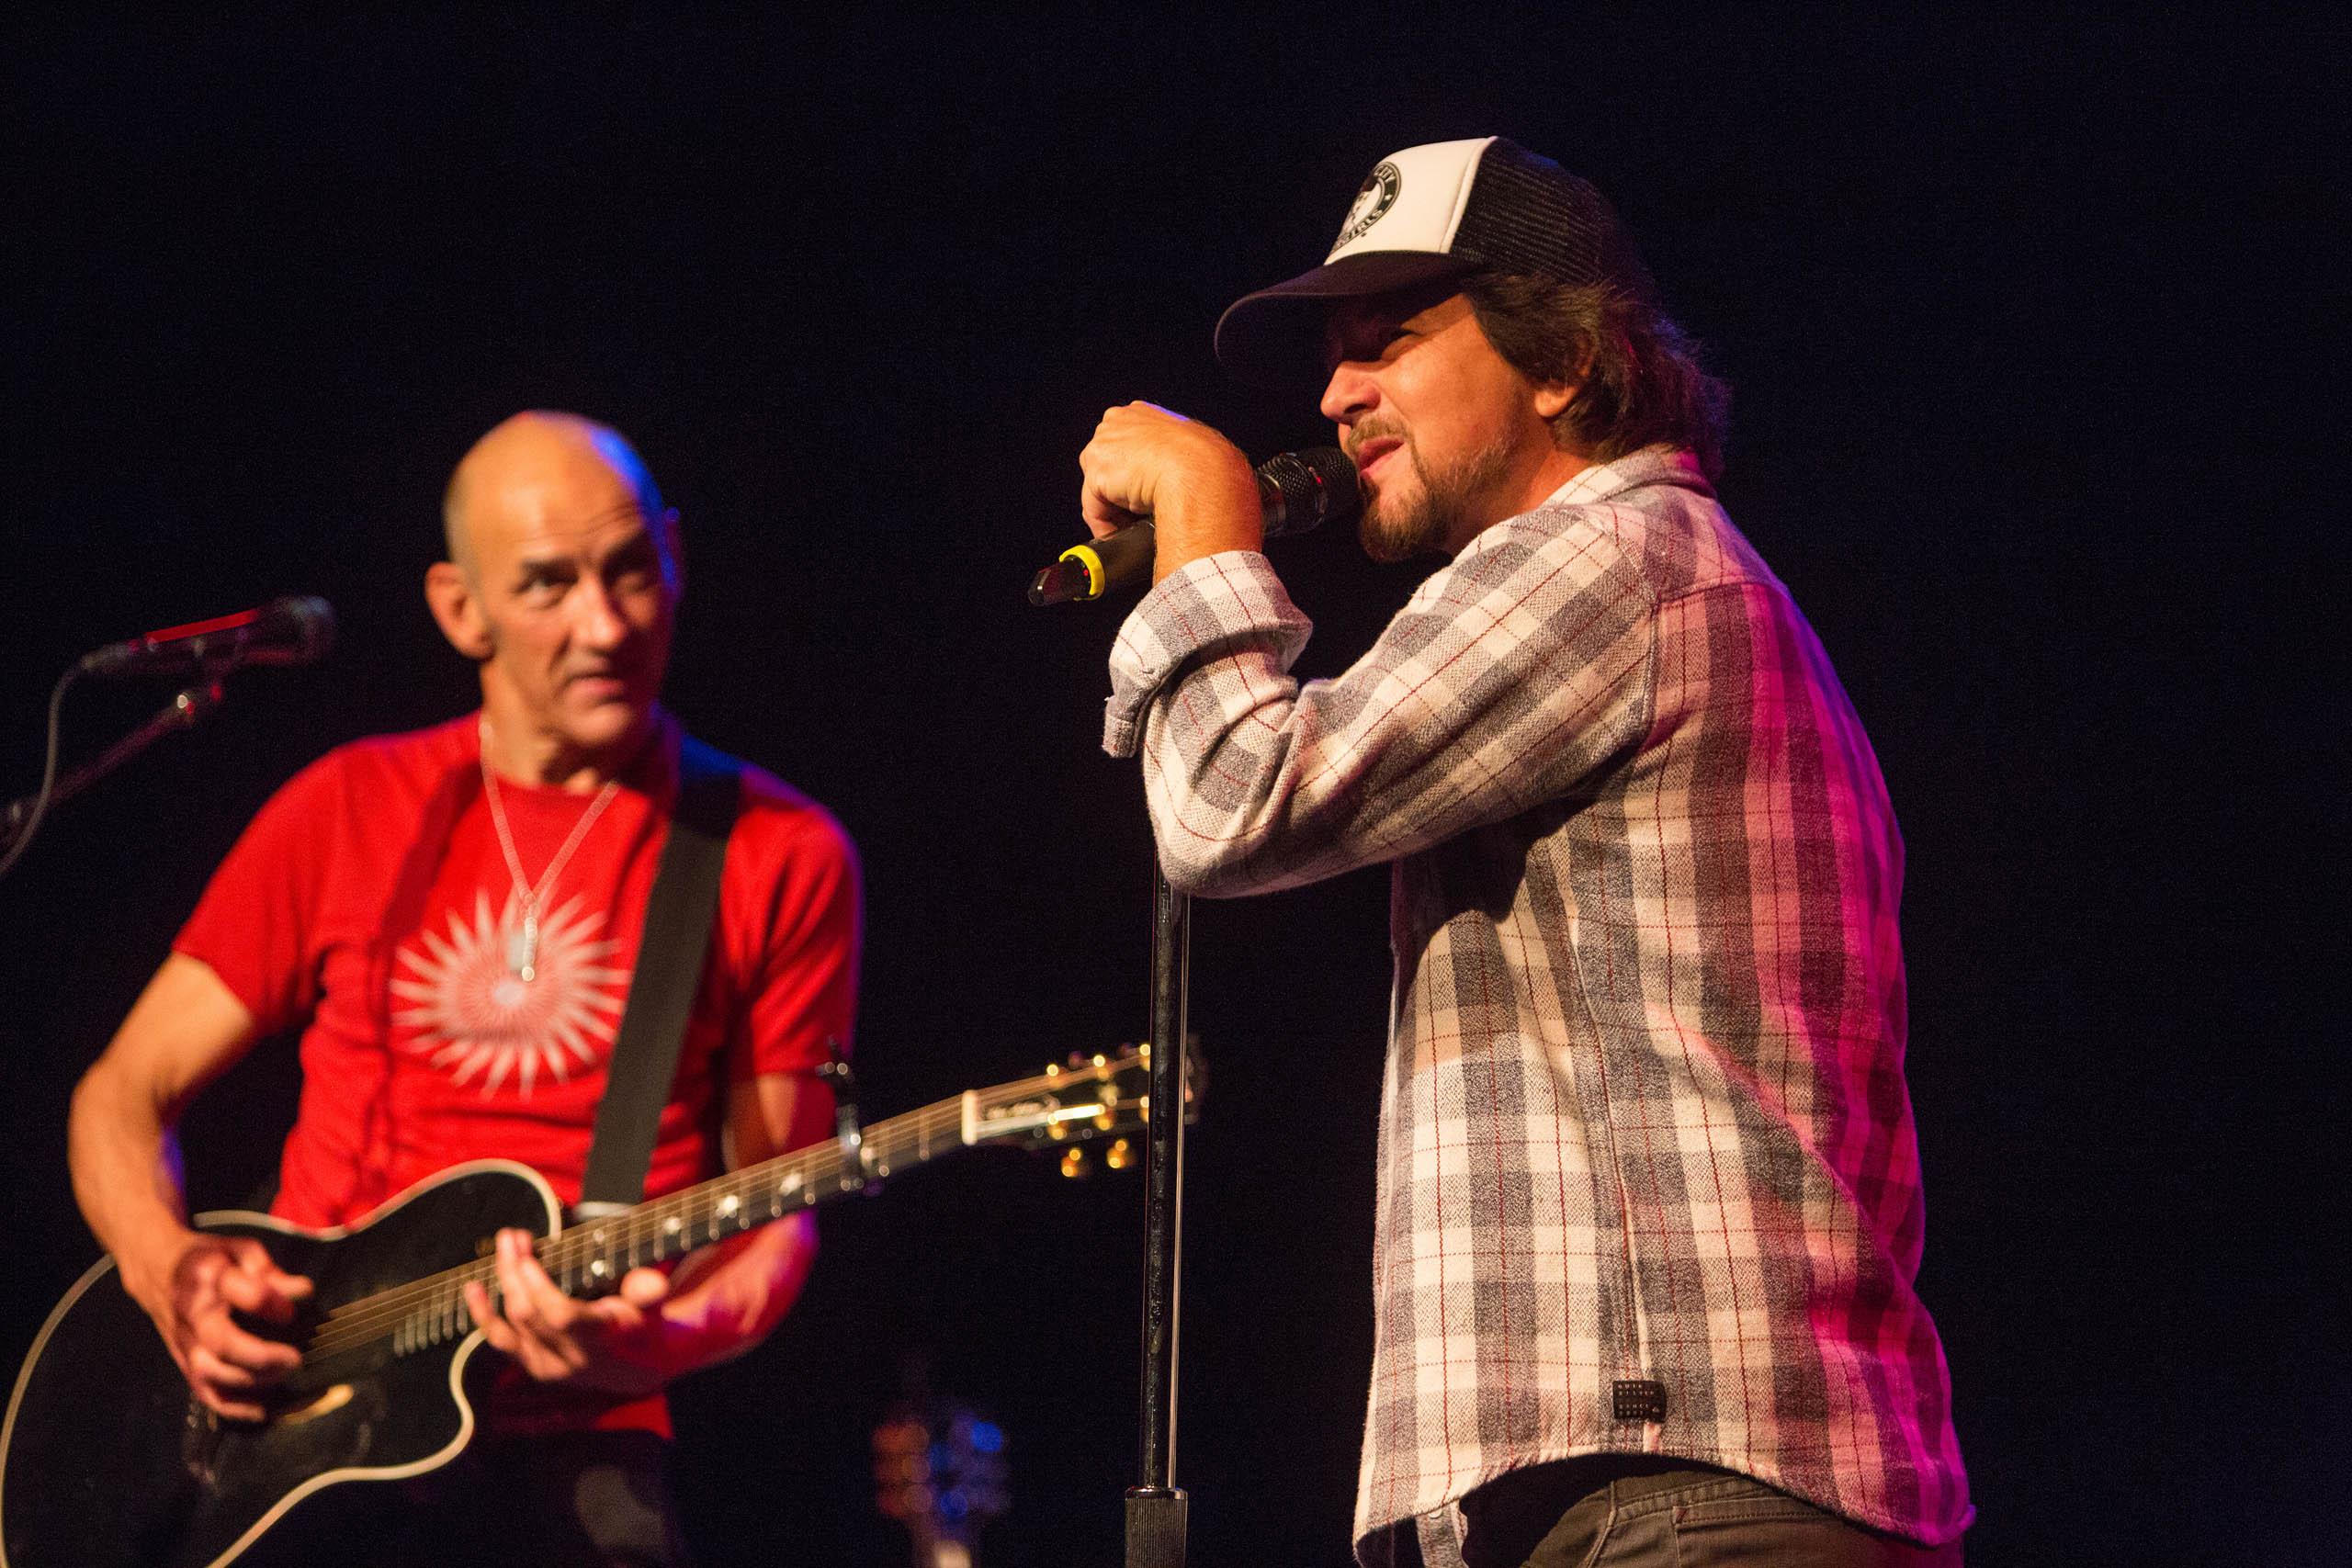 Eddie Vedder with Simon Townshend